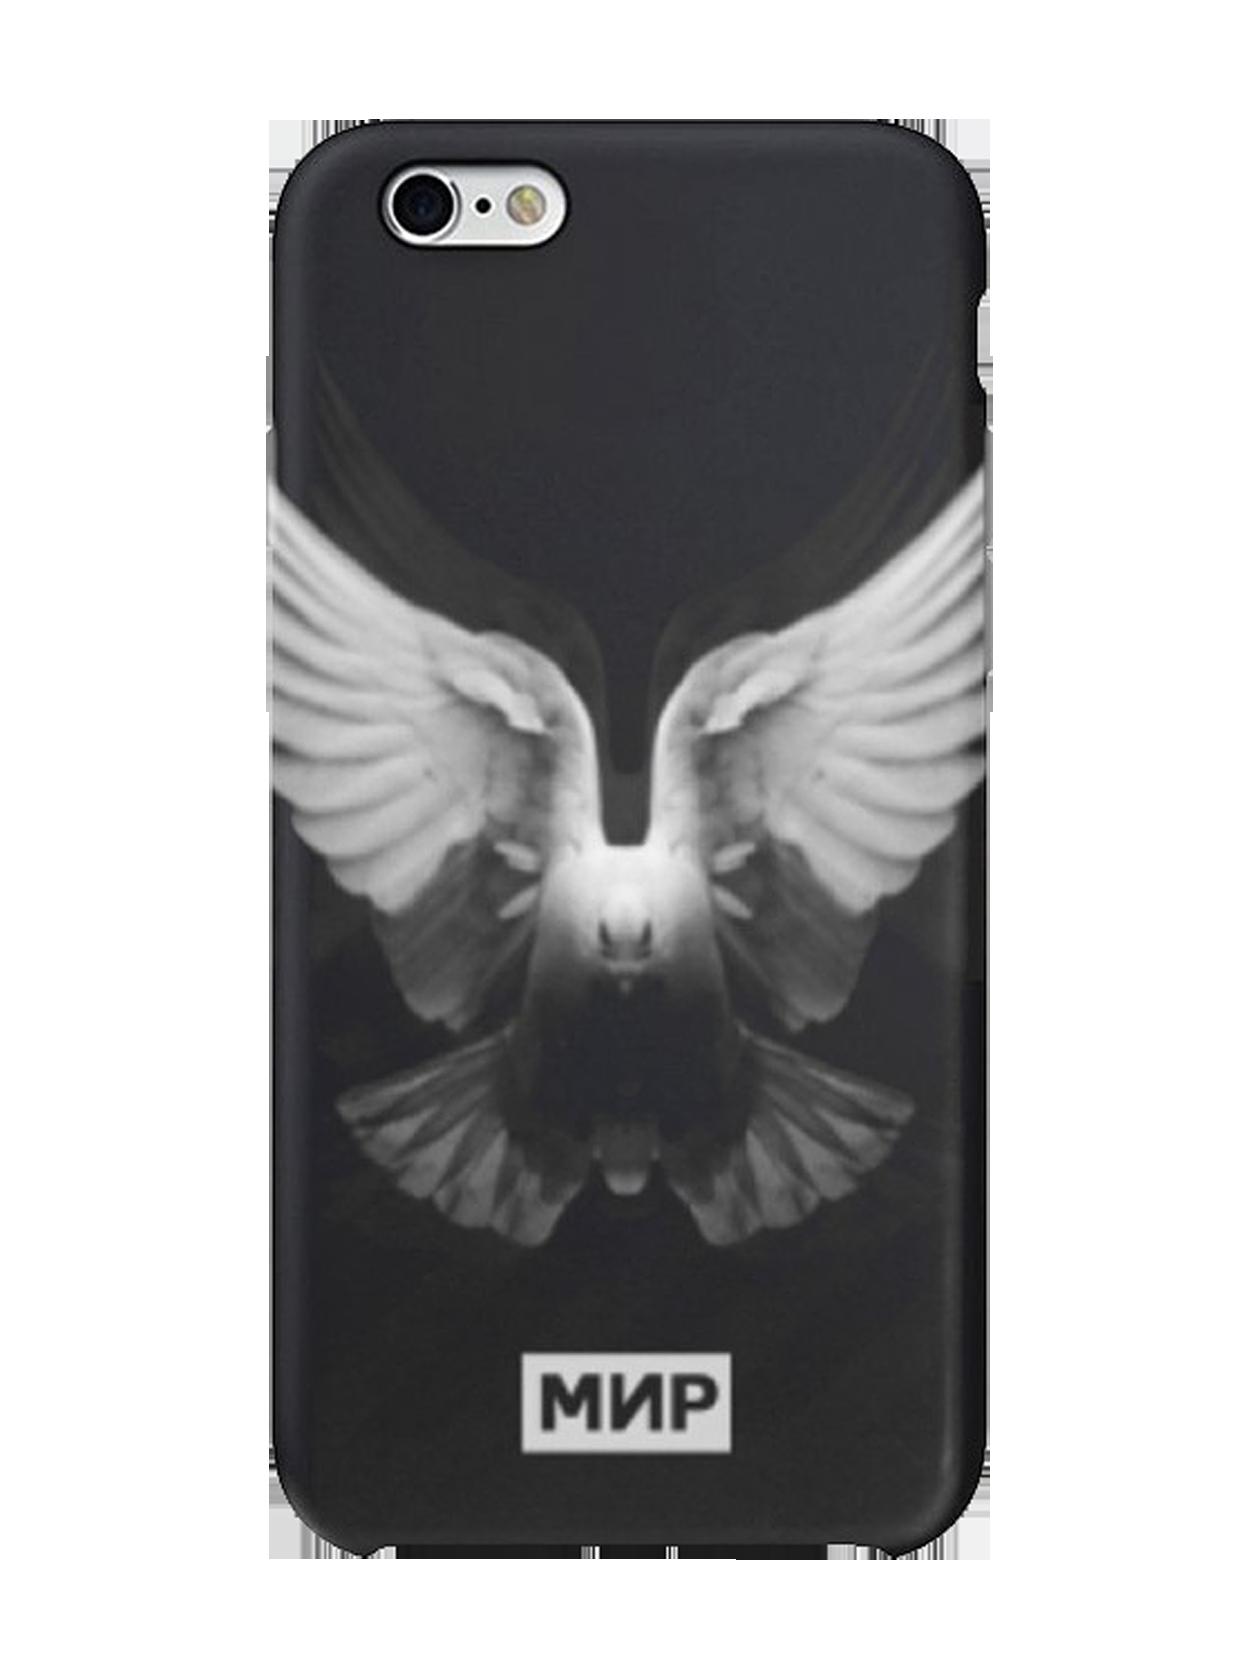 Чехол для iPhone 5/6/6+ BirdСтильный чехол для iPhone от Black Star Wear – беспроигрышный вариант для самовыражения и творческих экспериментов. Аксессуар выполнен в виде задней стенки устройства из элитного пластика, который отлично защищает хрупкий гаджет от пыли и механических повреждений. Кейс представлен в черном цвете, дополнен актуальным принтом с летящим голубем – птицей мира. С помощью такого чехла можно создать концептуальный образ, наслаждаясь каждым мгновением жизни.<br><br>Размер: 6+<br>Цвет: Черный<br>Пол: Унисекс